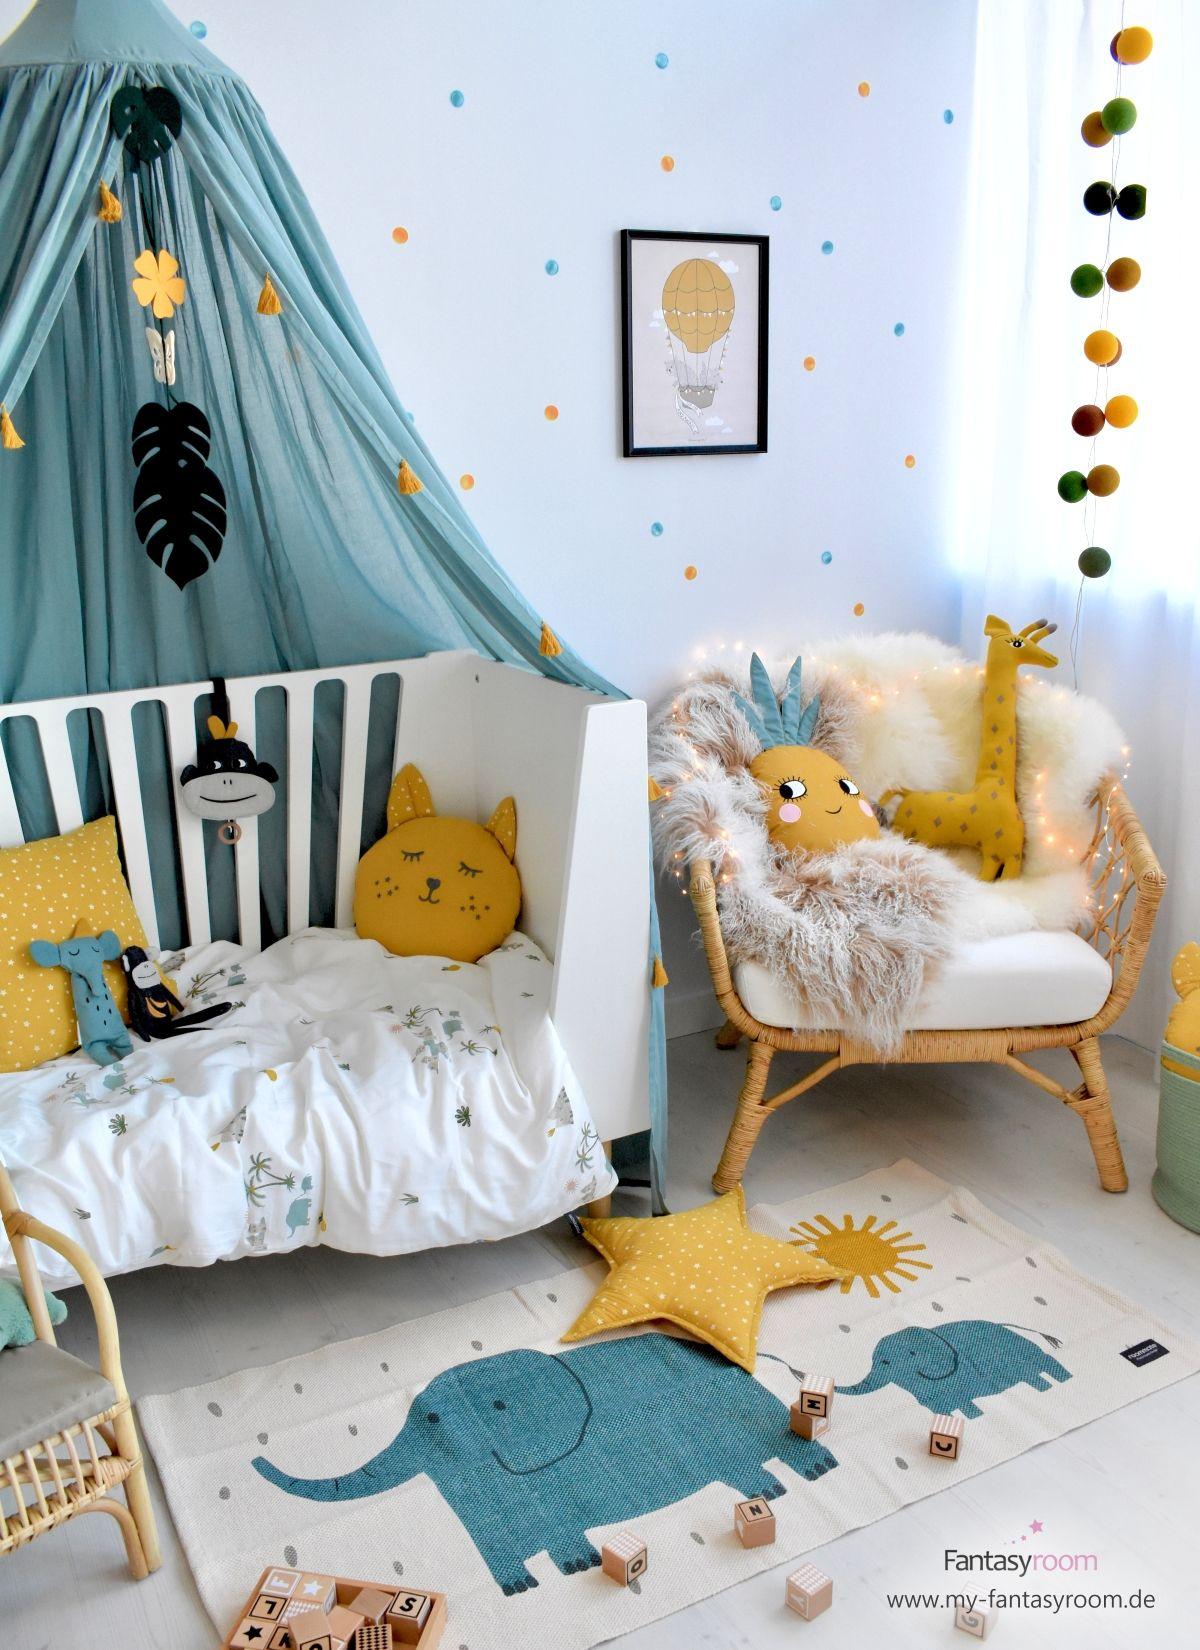 Tropic-Look für Kinderzimmer